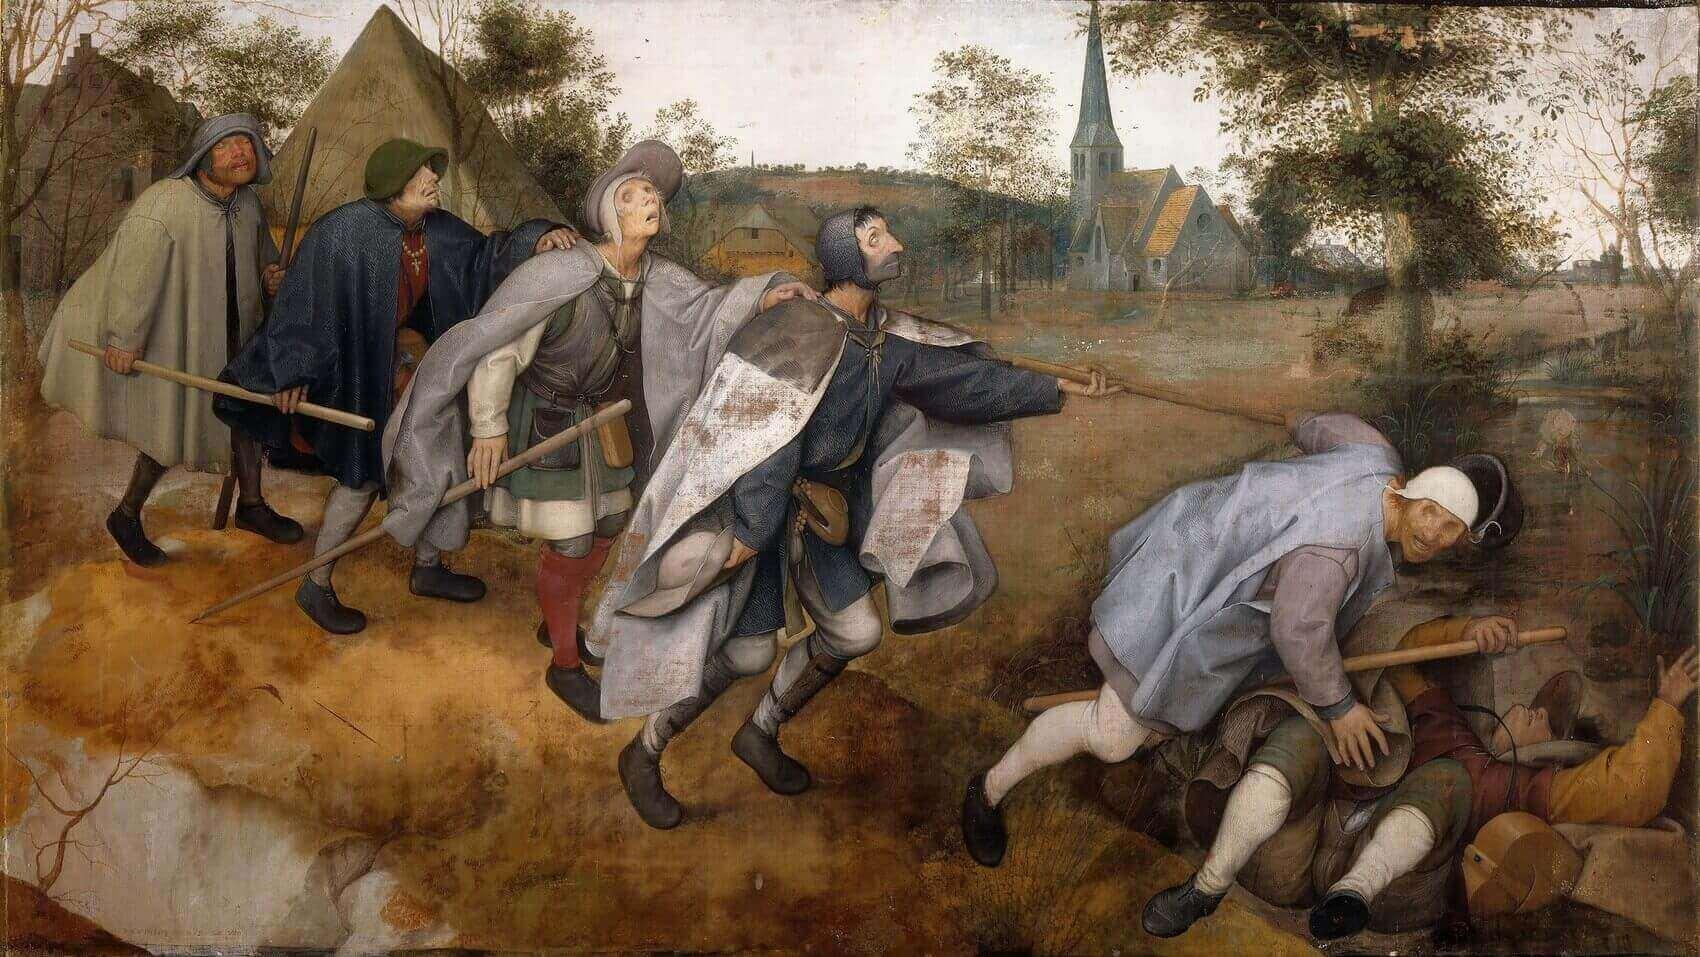 Питер Брейгель, 1568 год, картина «Слепые».